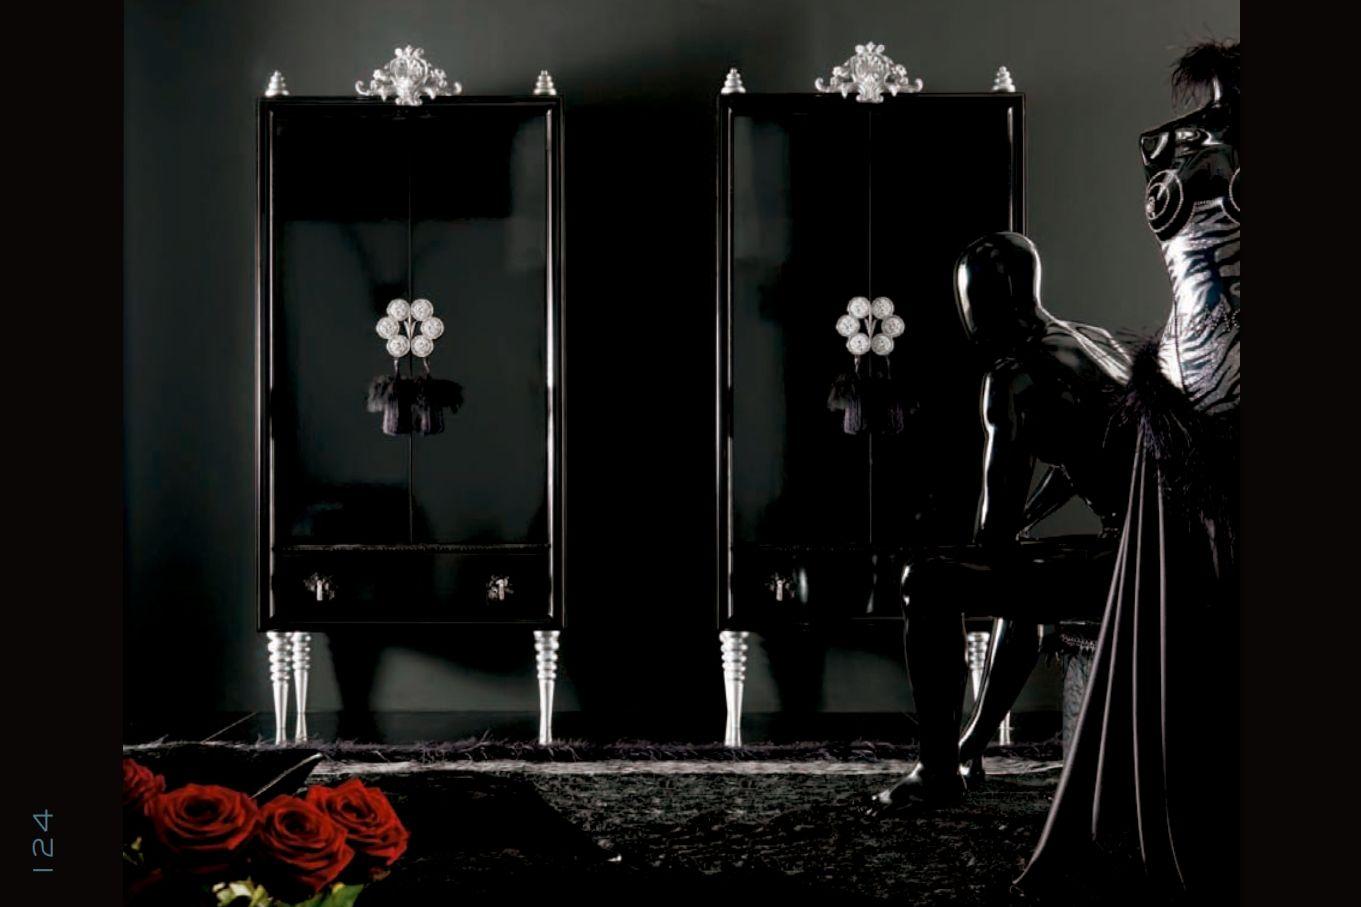 luxurioses runde schlafzimmer alta moda schicke serie